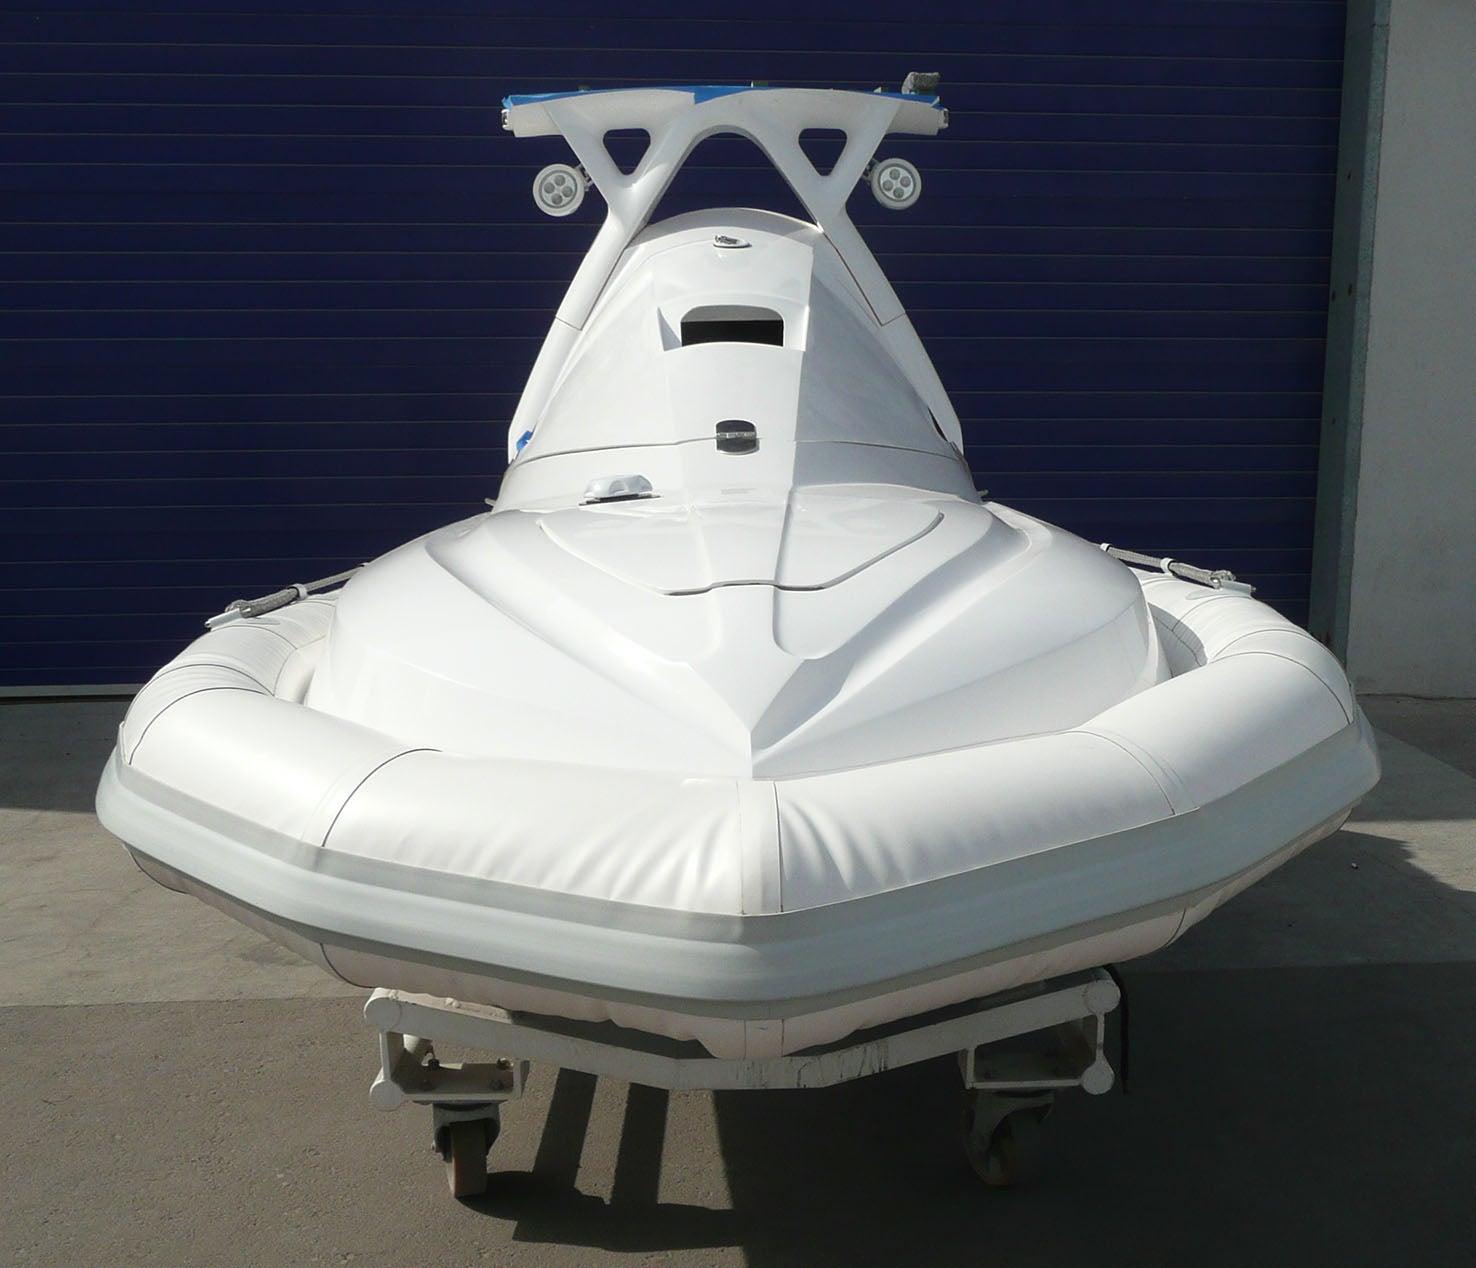 This Small Robot Boat Can Patrol Megayachts